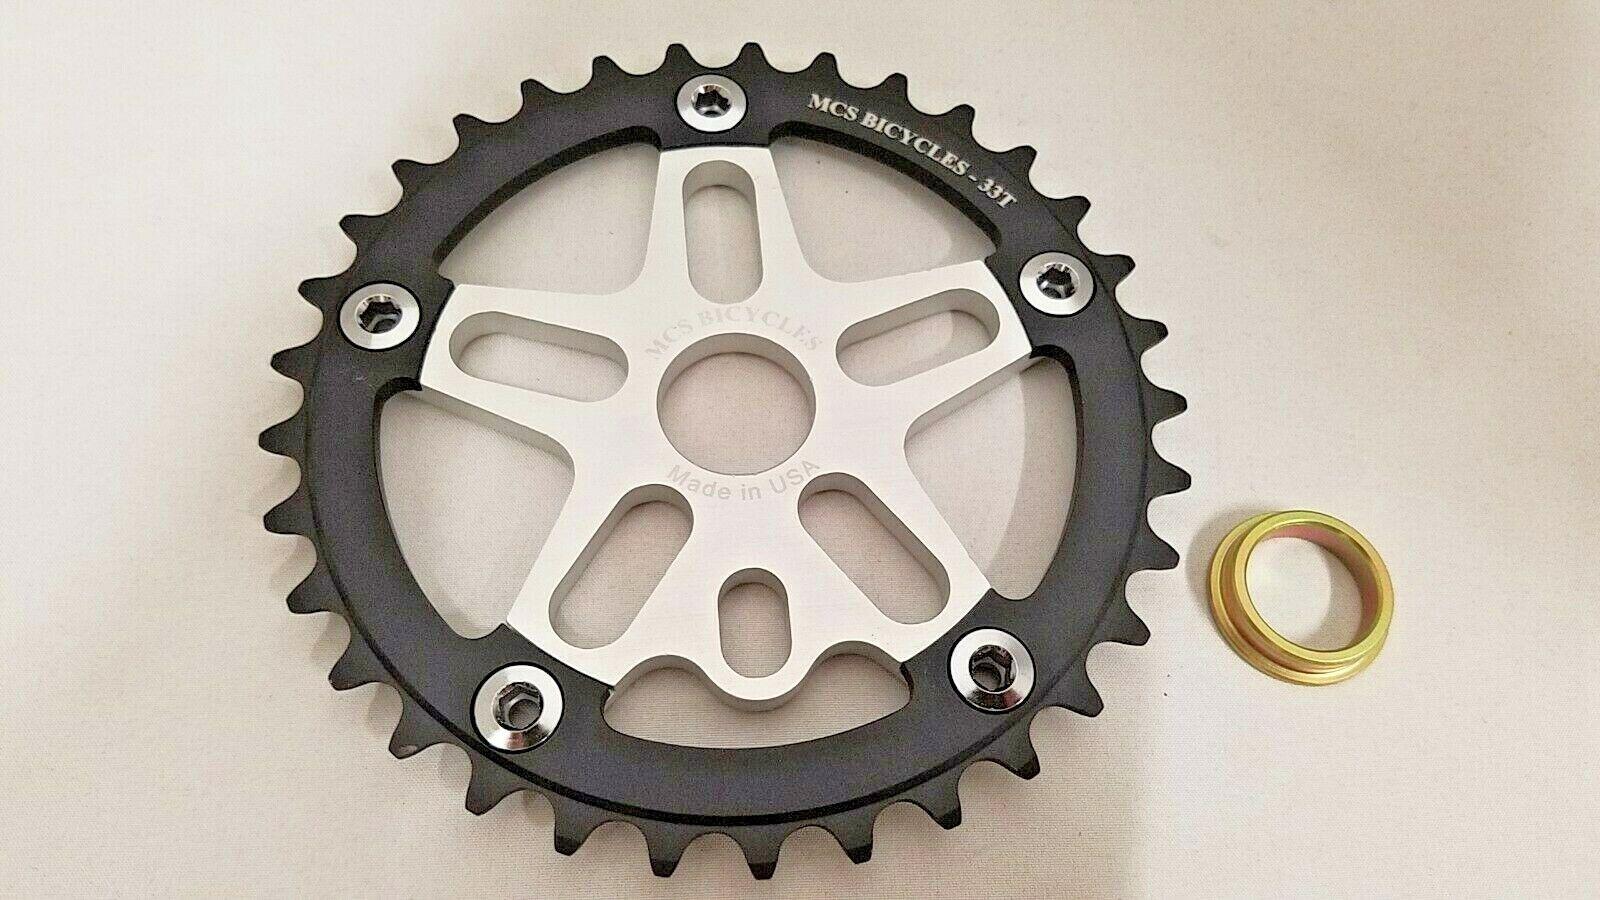 MCS Bmx  Araña Plato Combo 33T Negro Plata Retro se 26  bicicletas hechos en EE. UU.  precios mas bajos